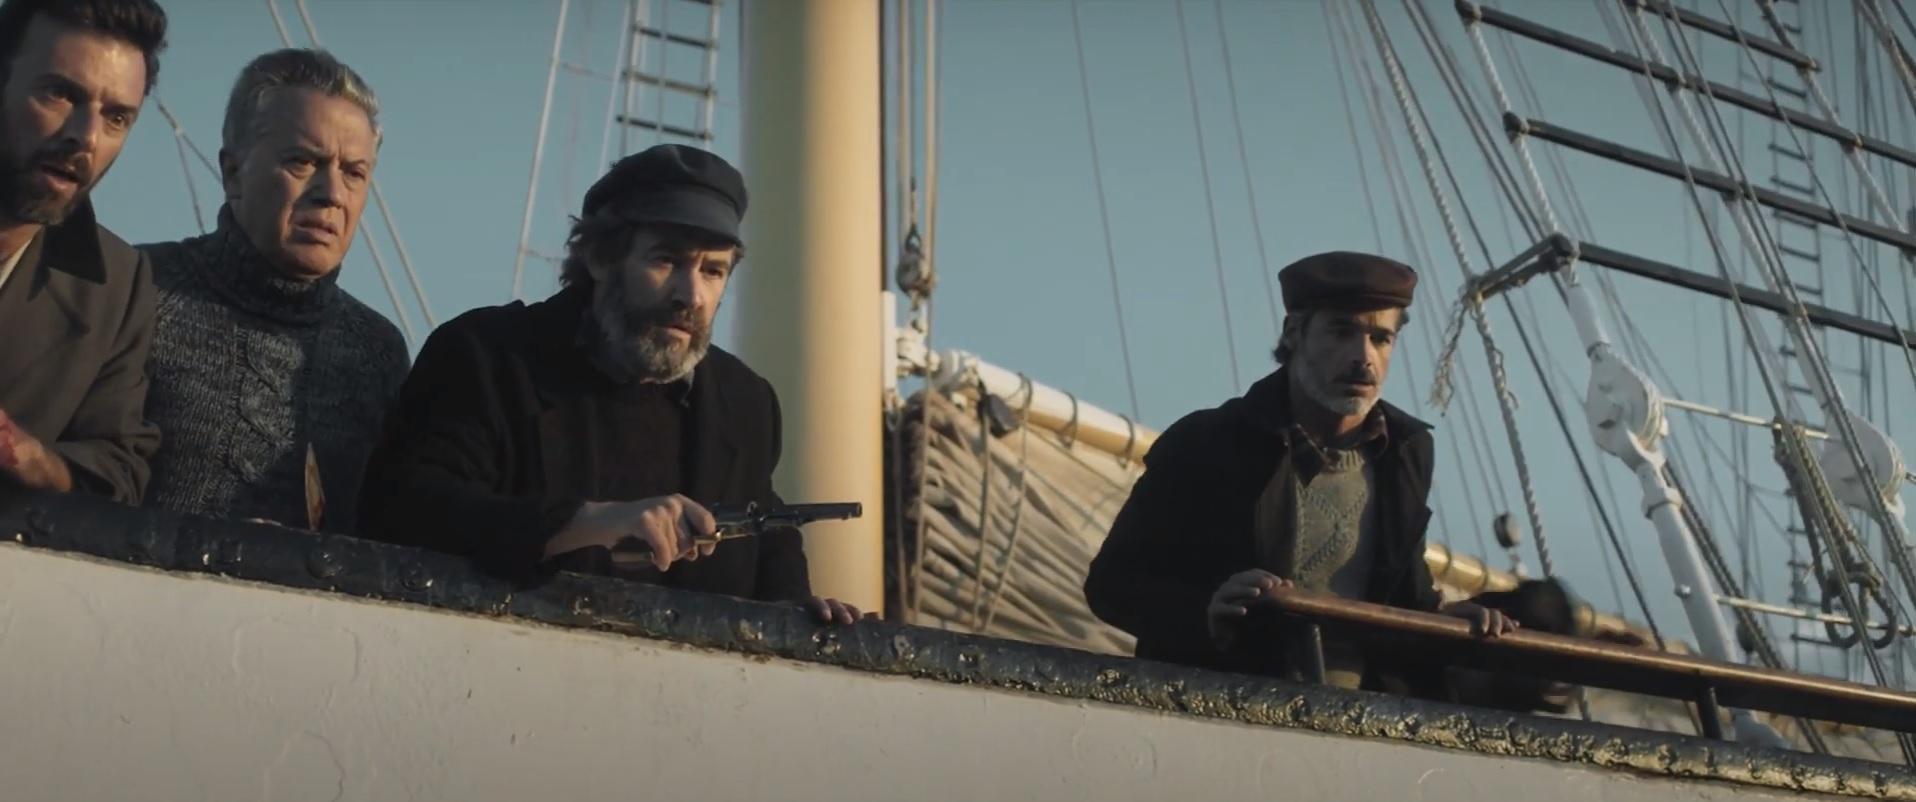 """Filme """"Terra Nova"""" estreia diretamente na televisão em formato série"""